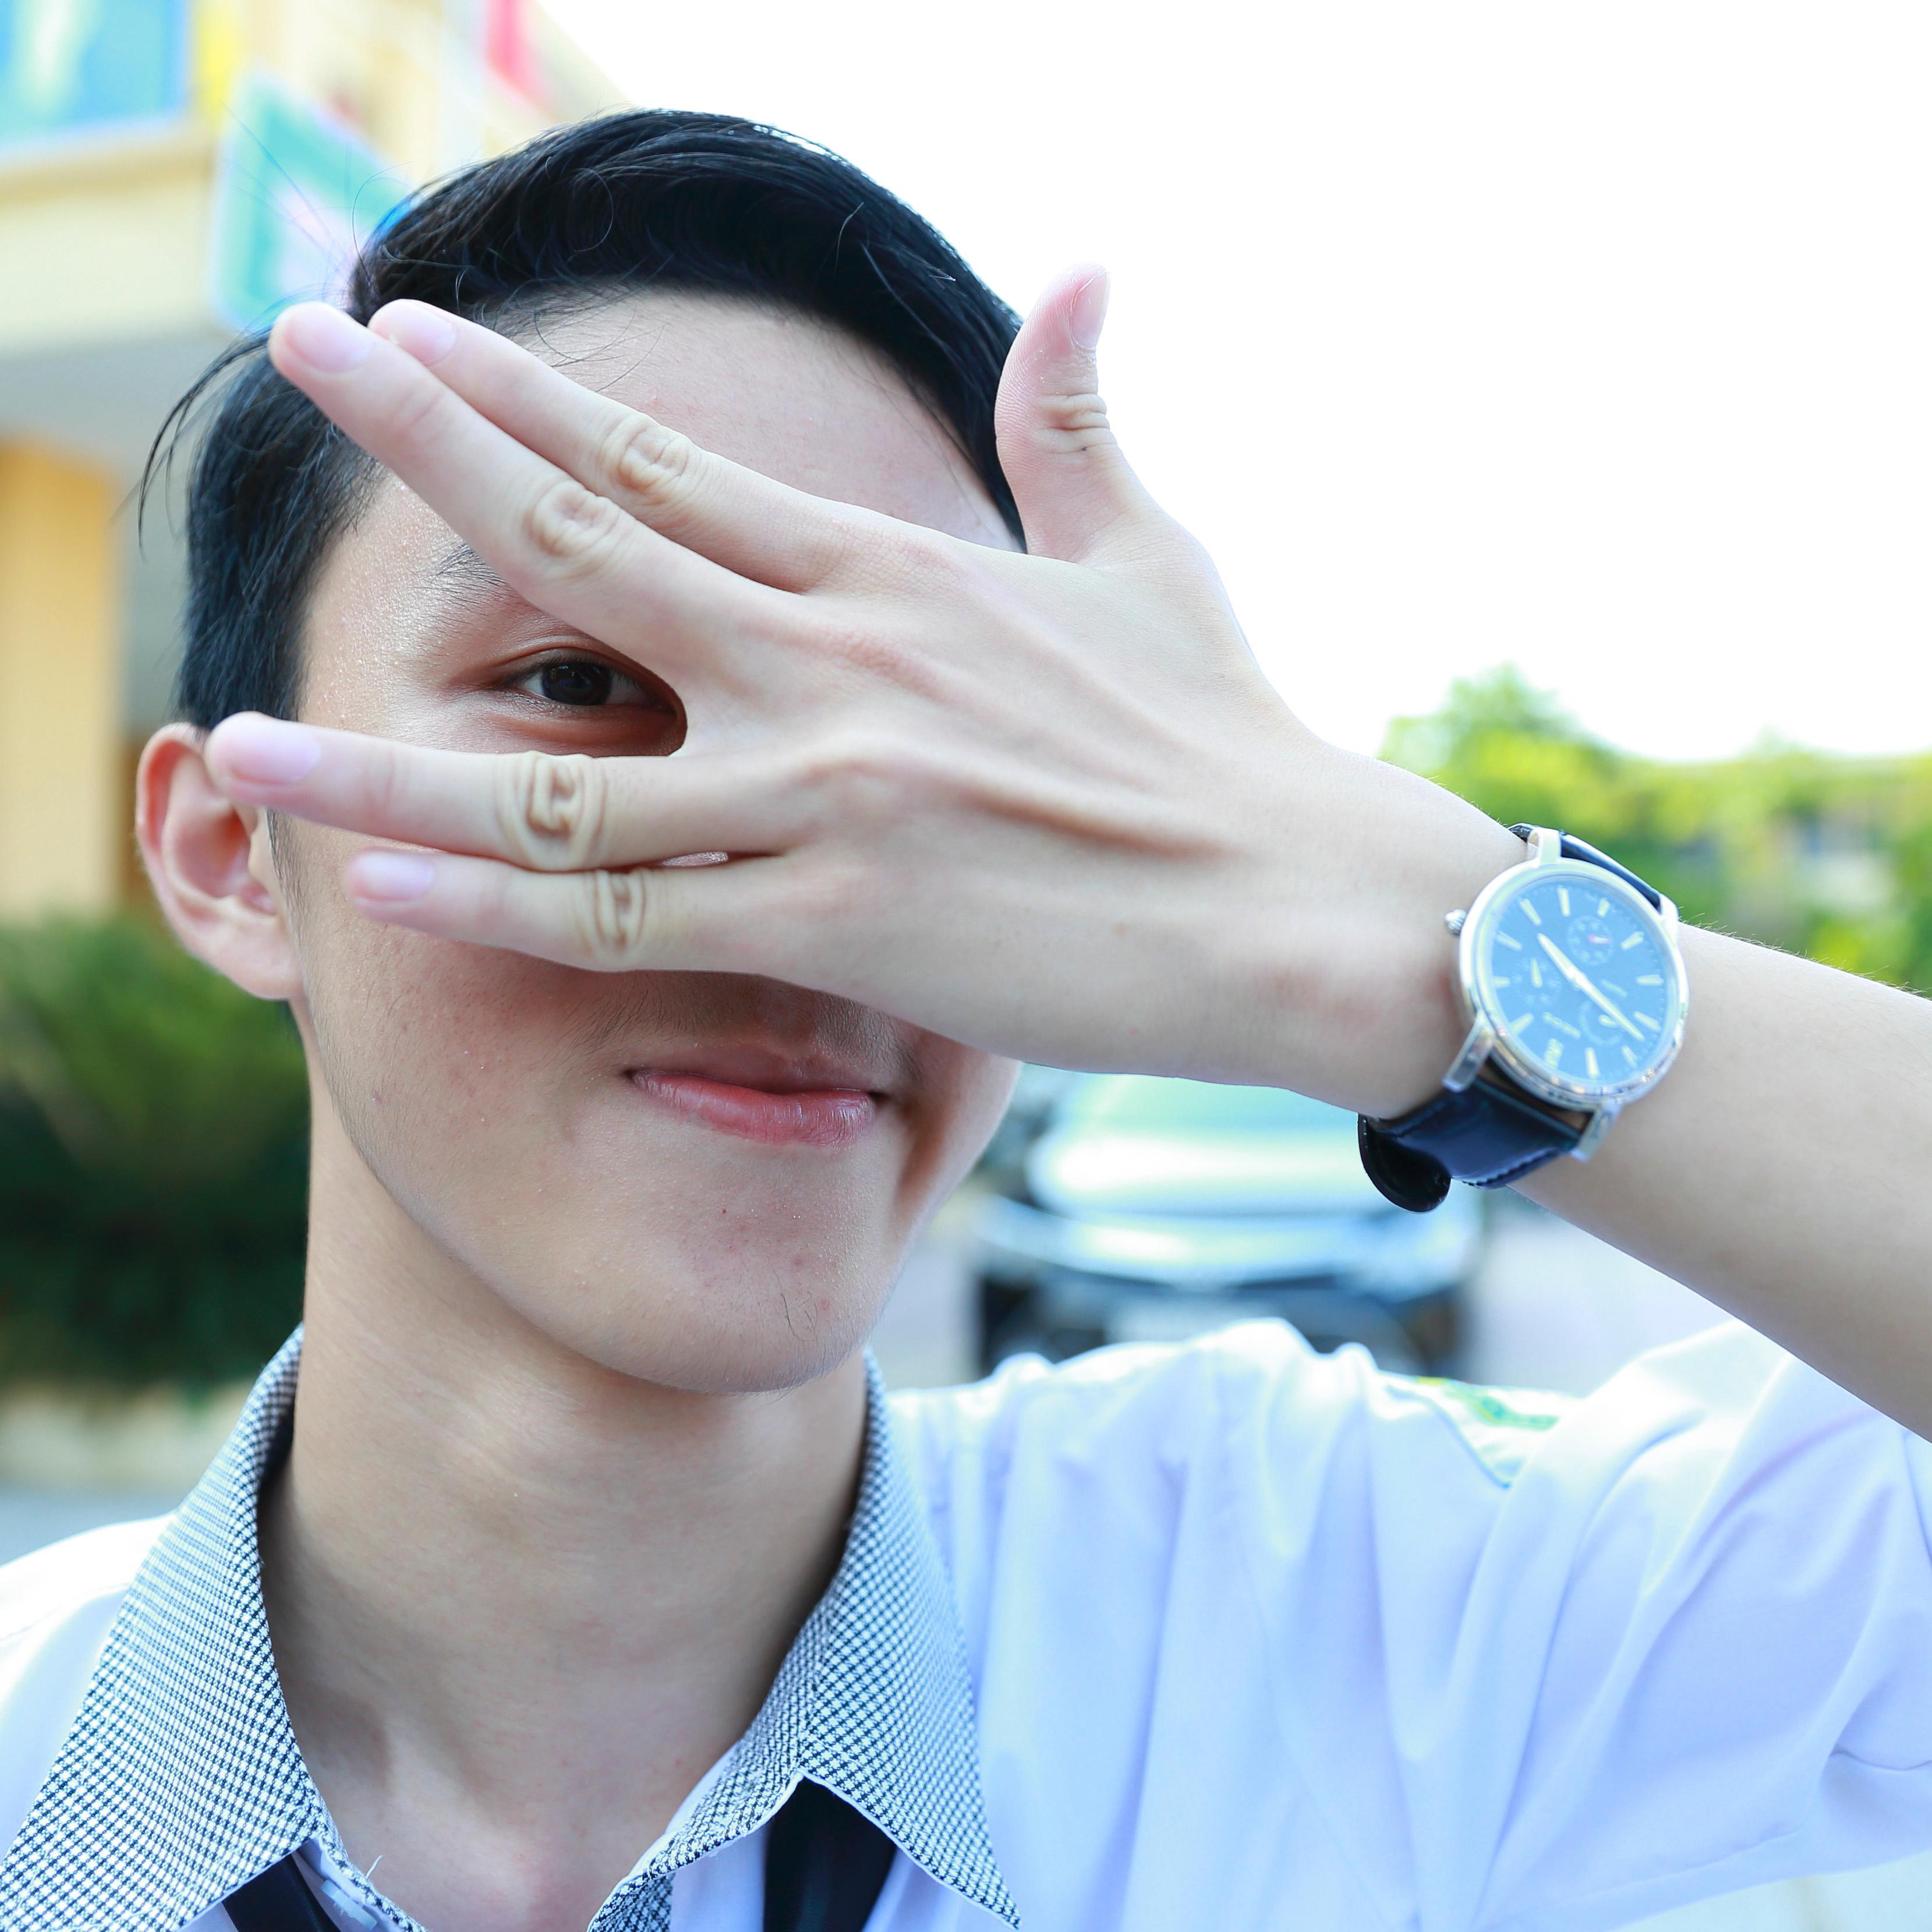 Nguyễn Hữu Pháp